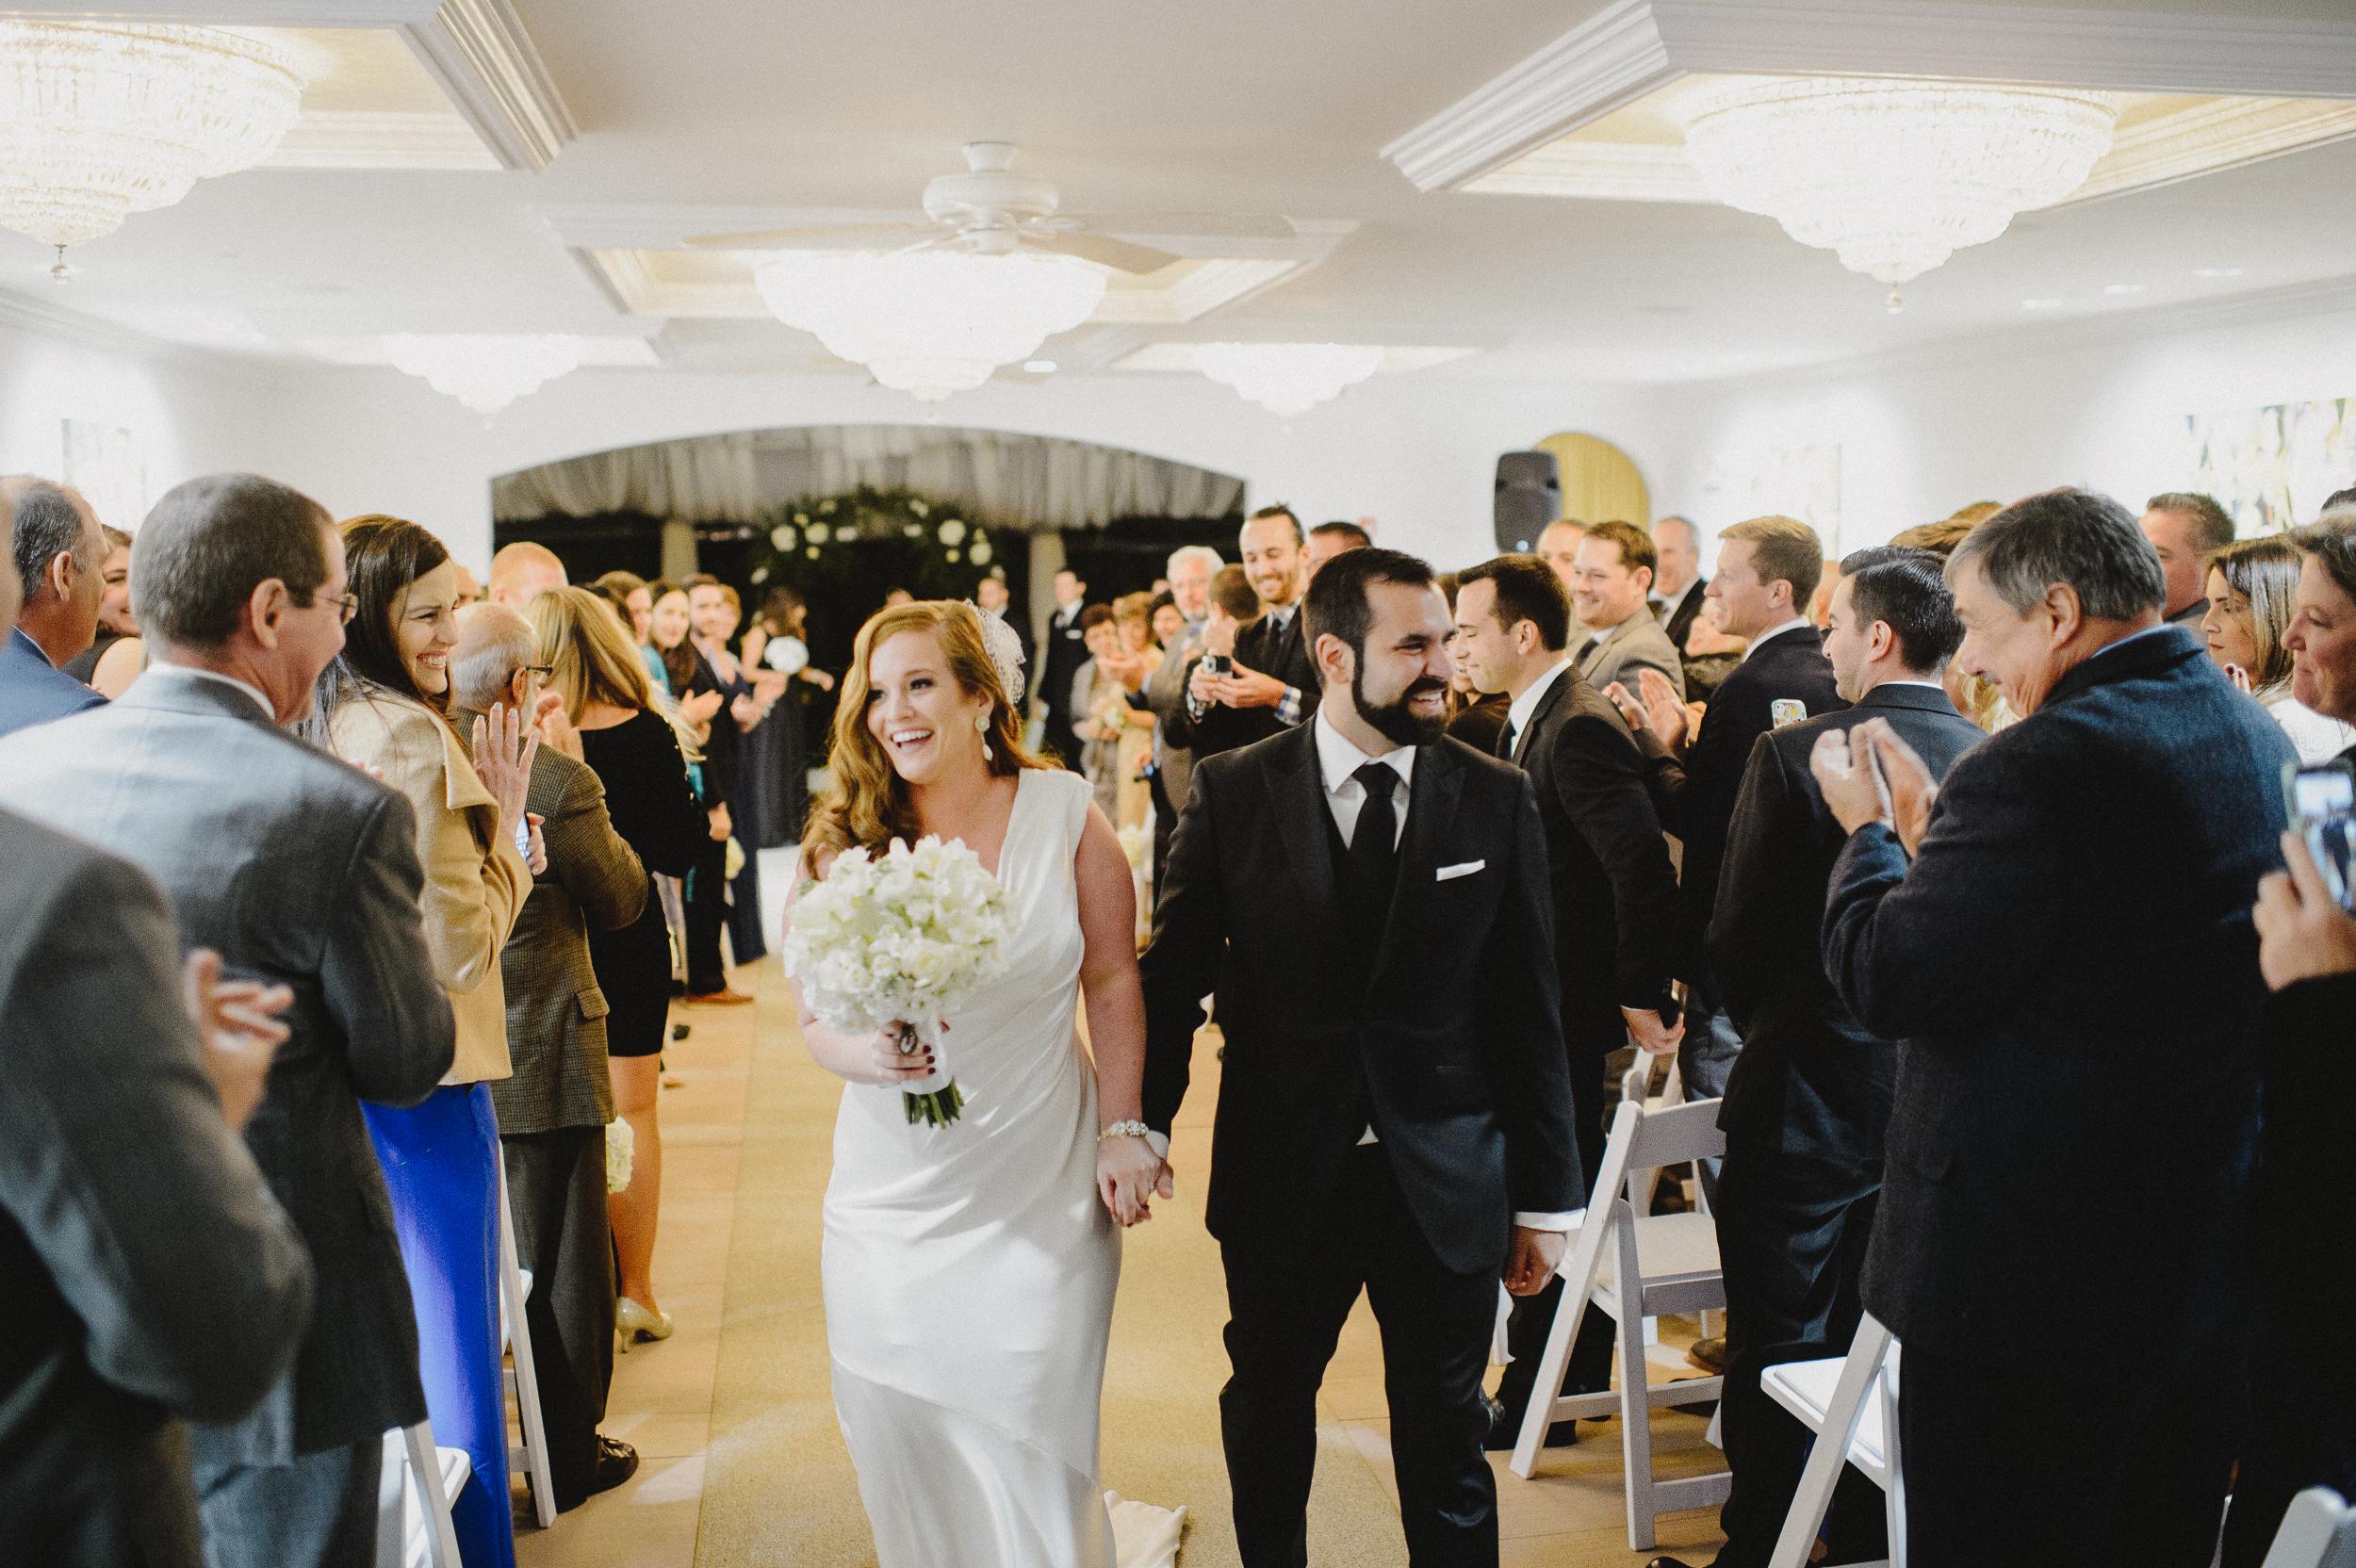 lambertville-station-wedding-photographer-43.jpg